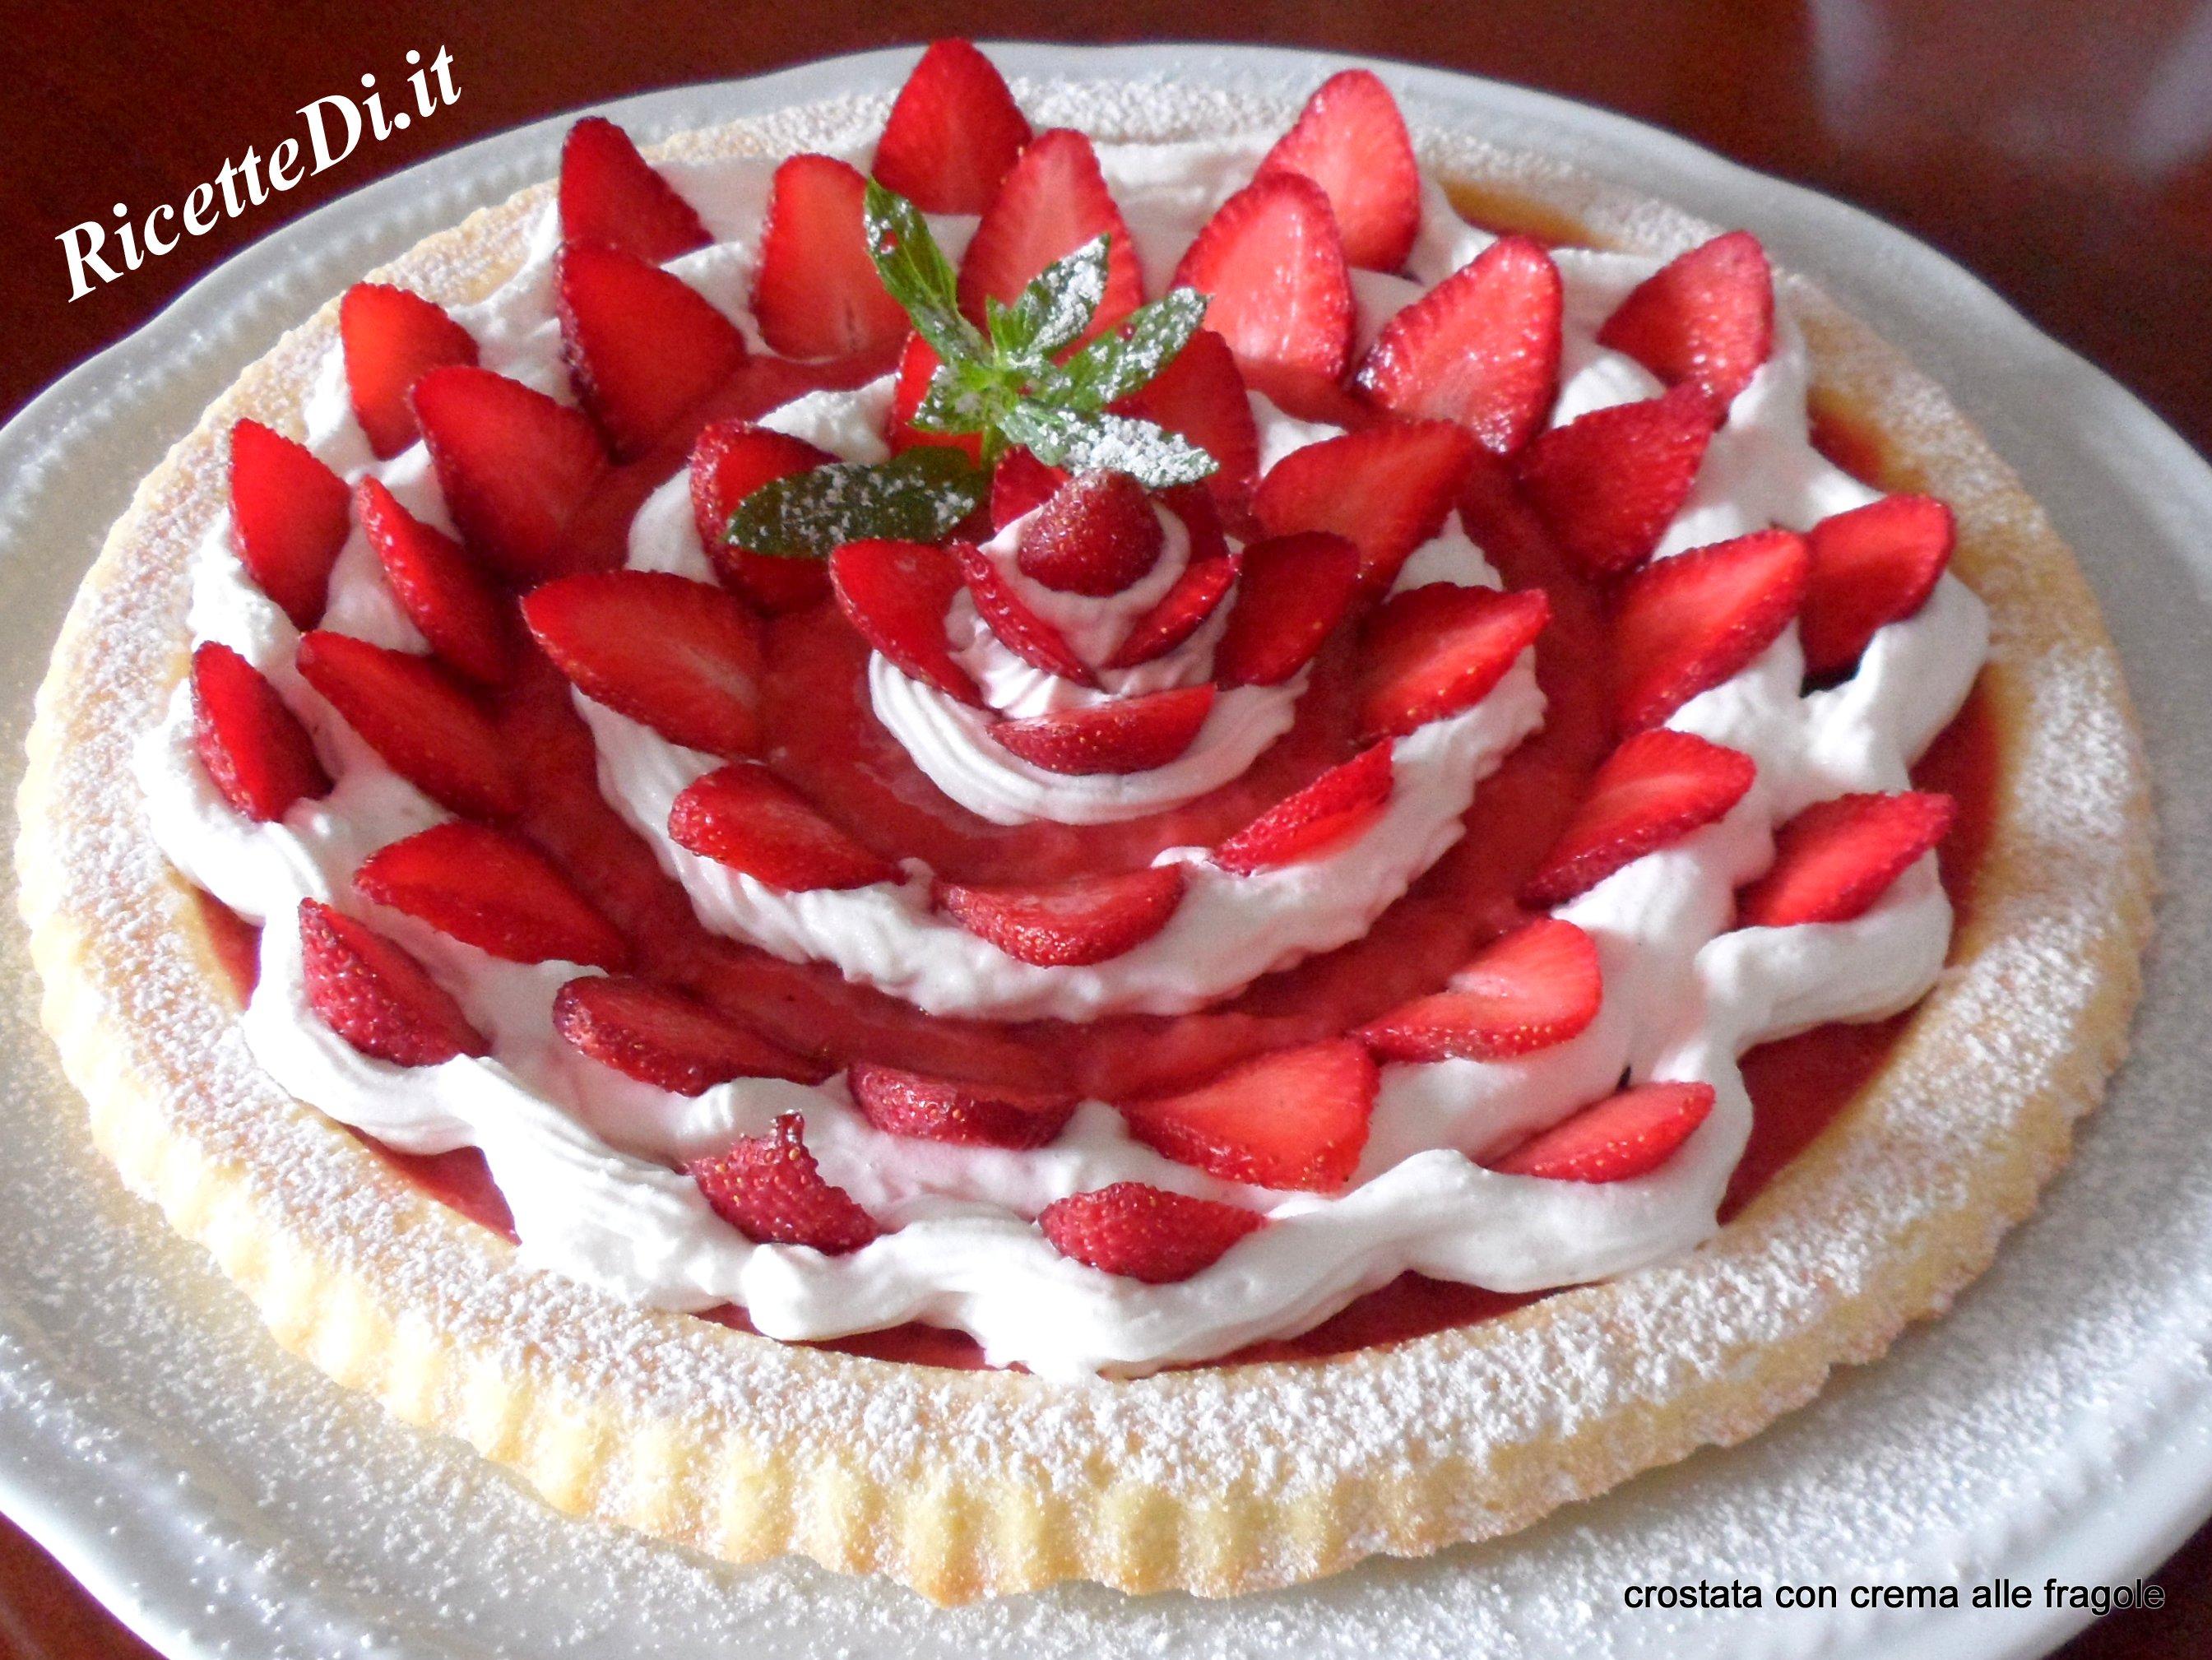 Crostata con crema alle fragole e panna montata for Decorazioni torte con fragole e cioccolato